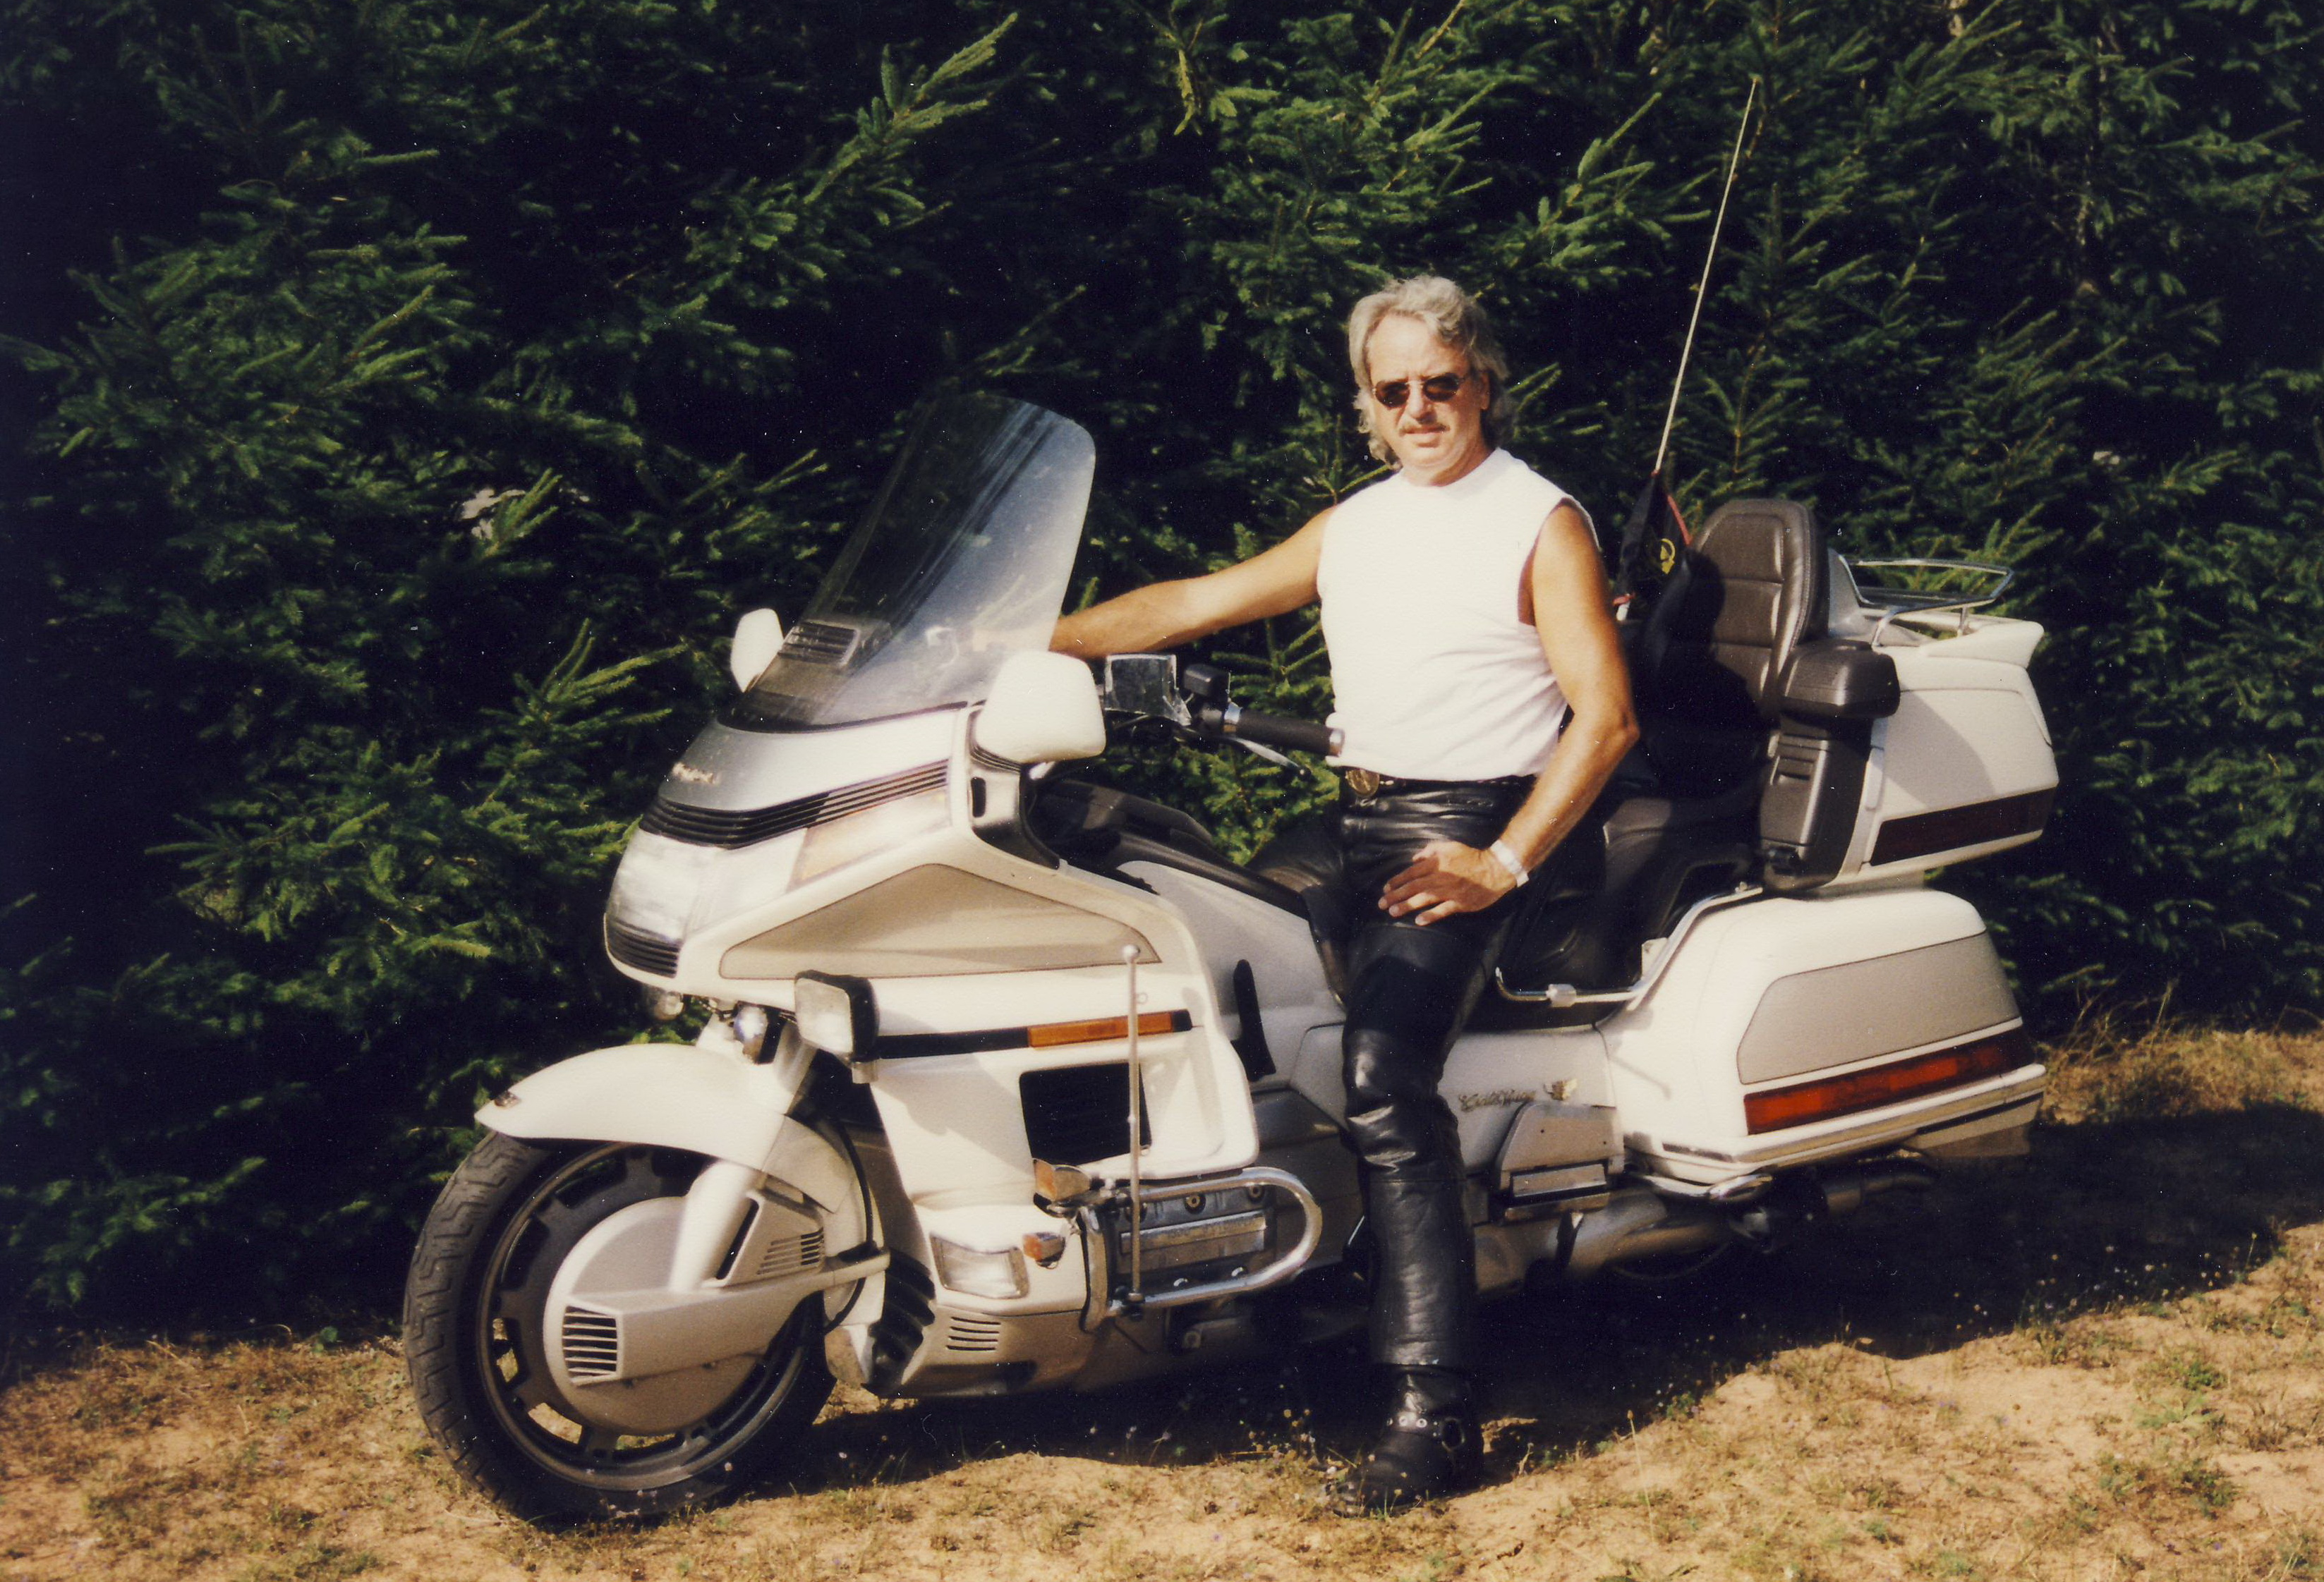 Dieter Kulla